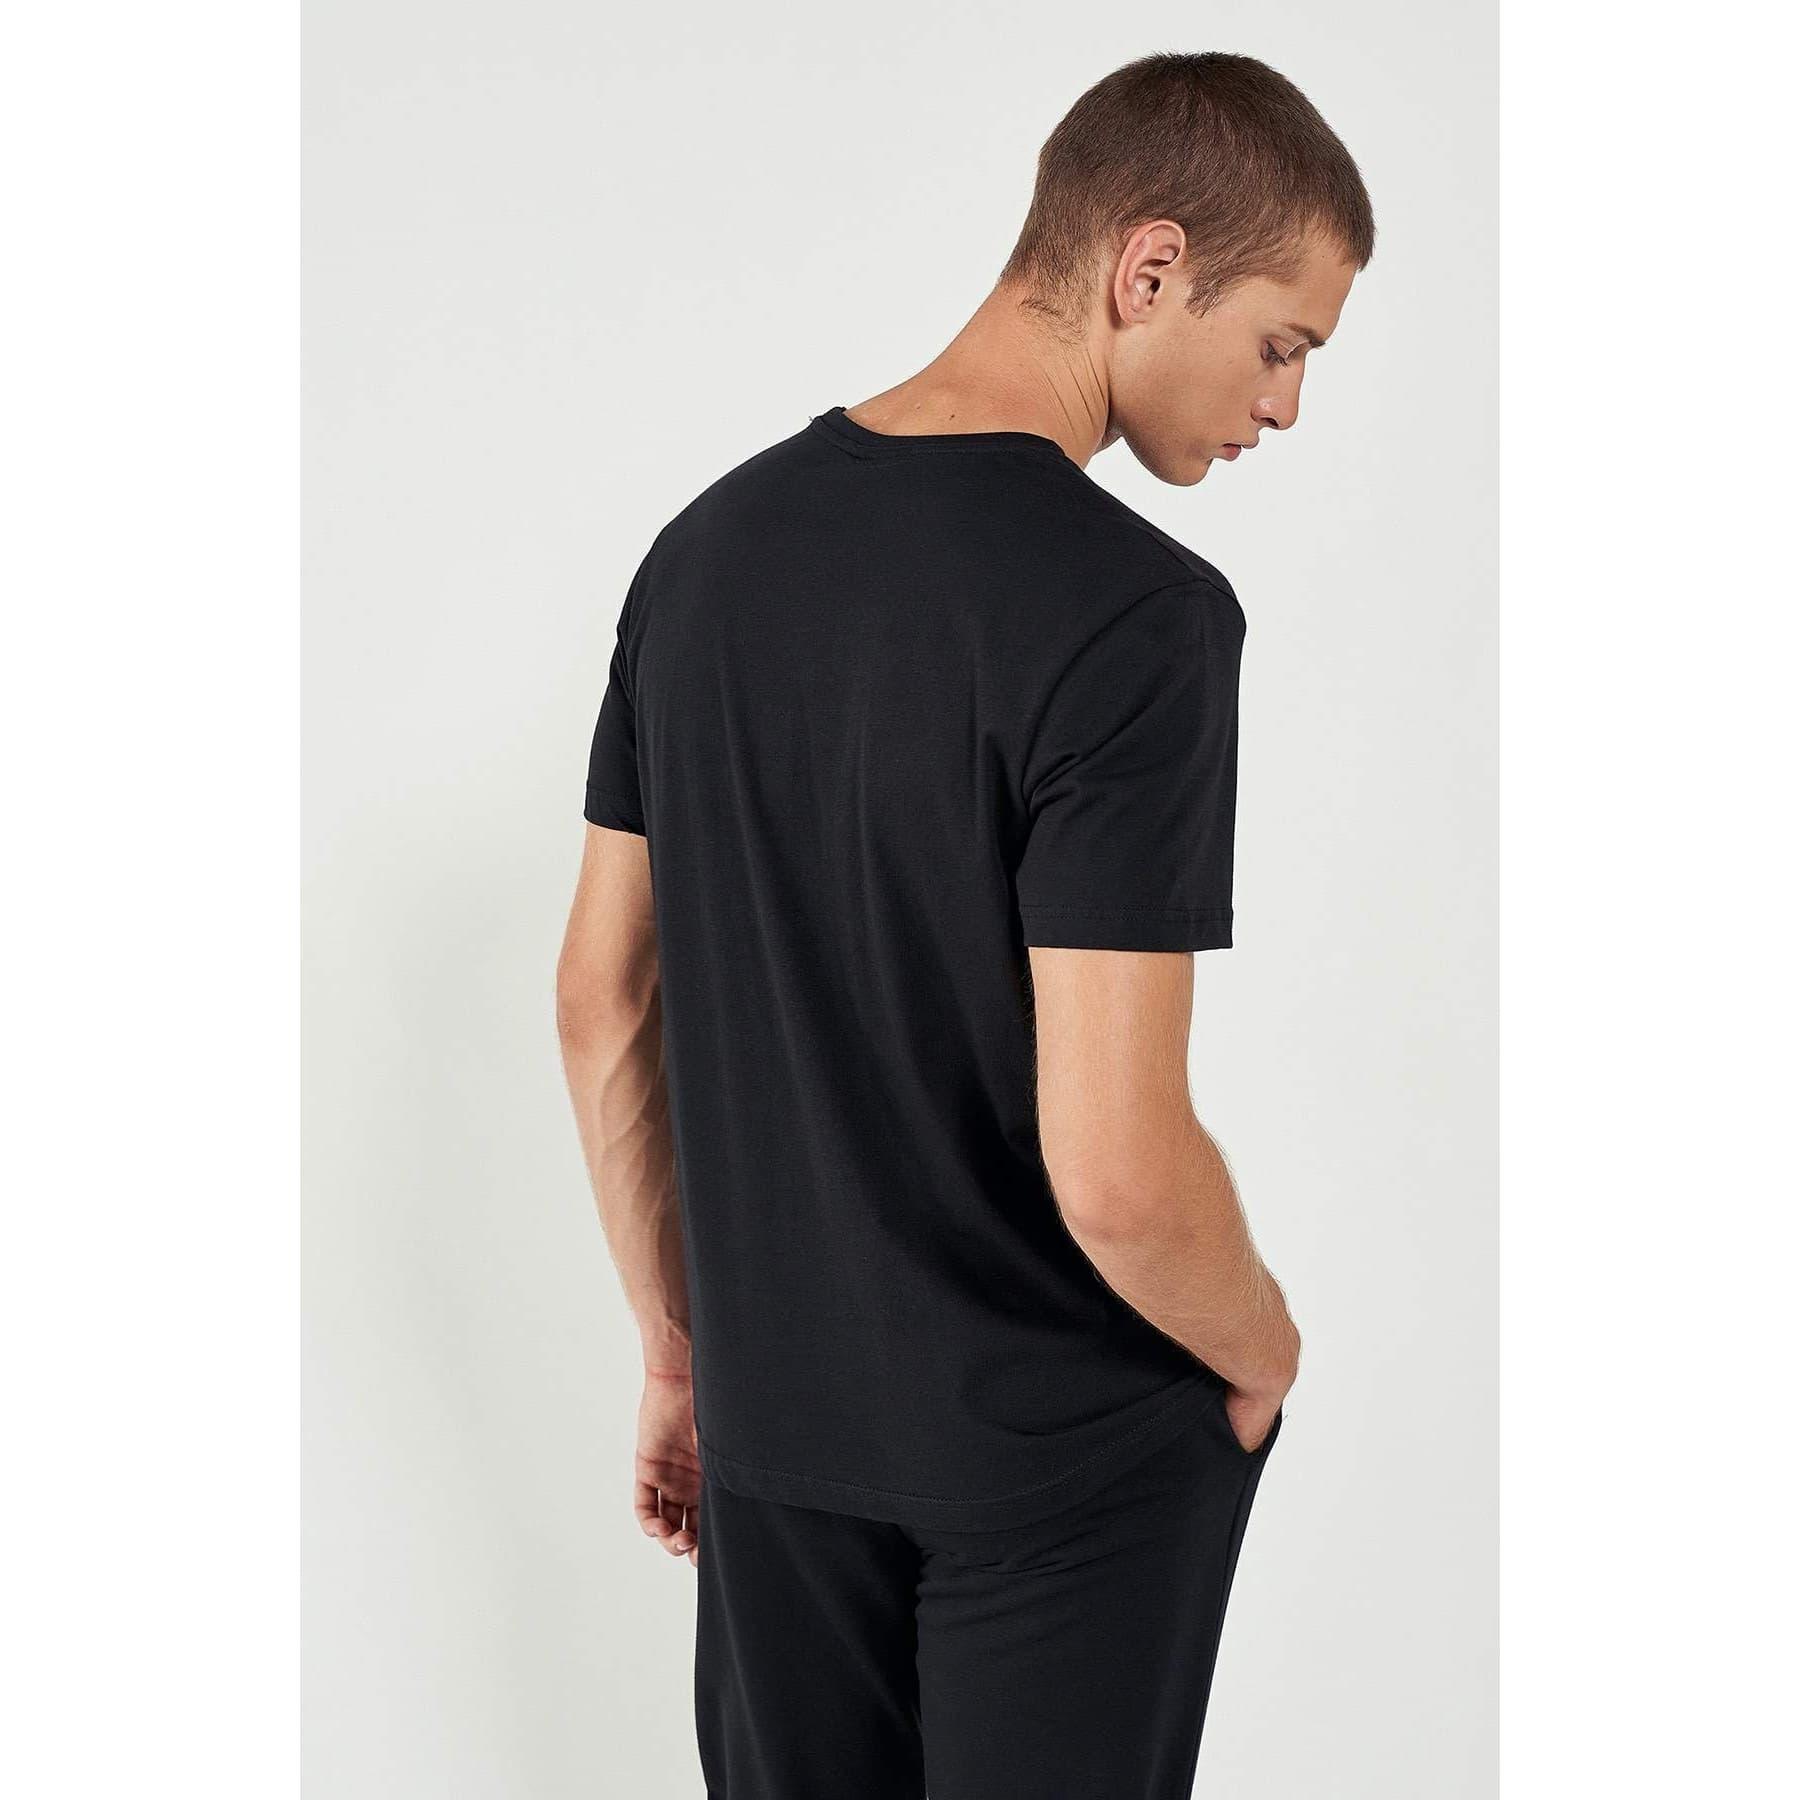 Cosenza Erkek Siyah Tişört (911303-2001)